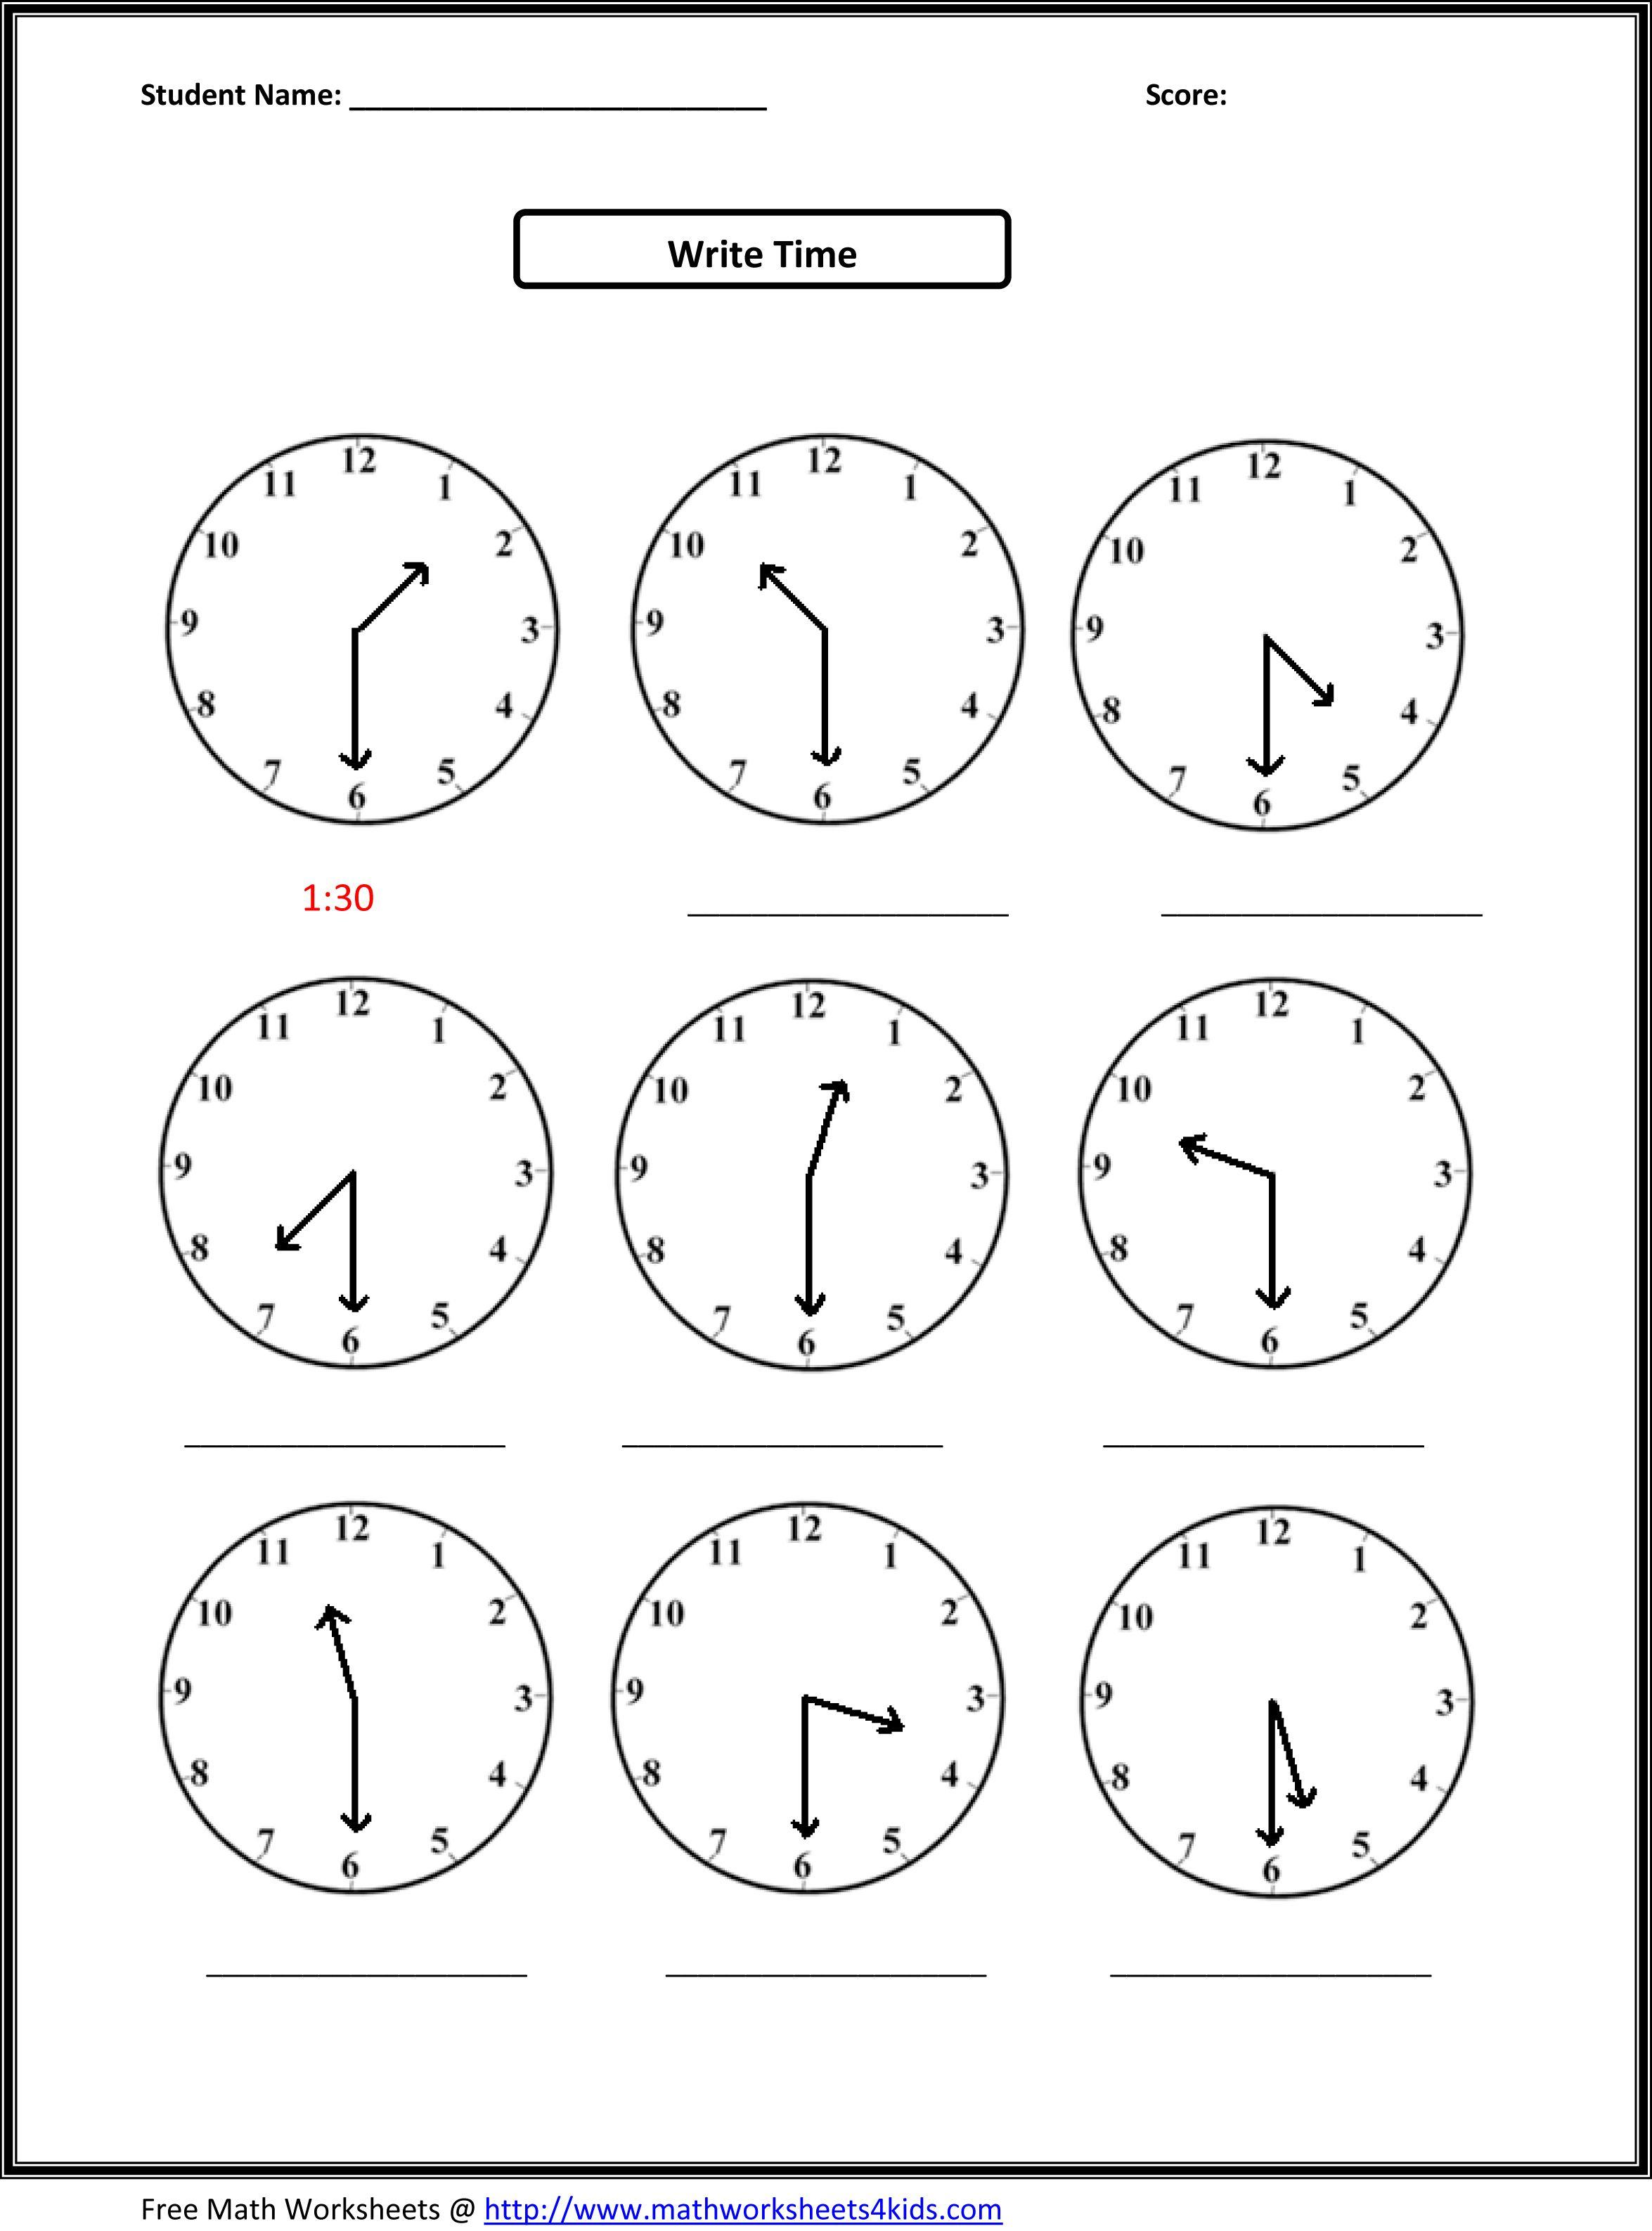 Free Printable Second Grade Math Worksheets » High School Worksheets - Free Printable Time Worksheets For Kindergarten